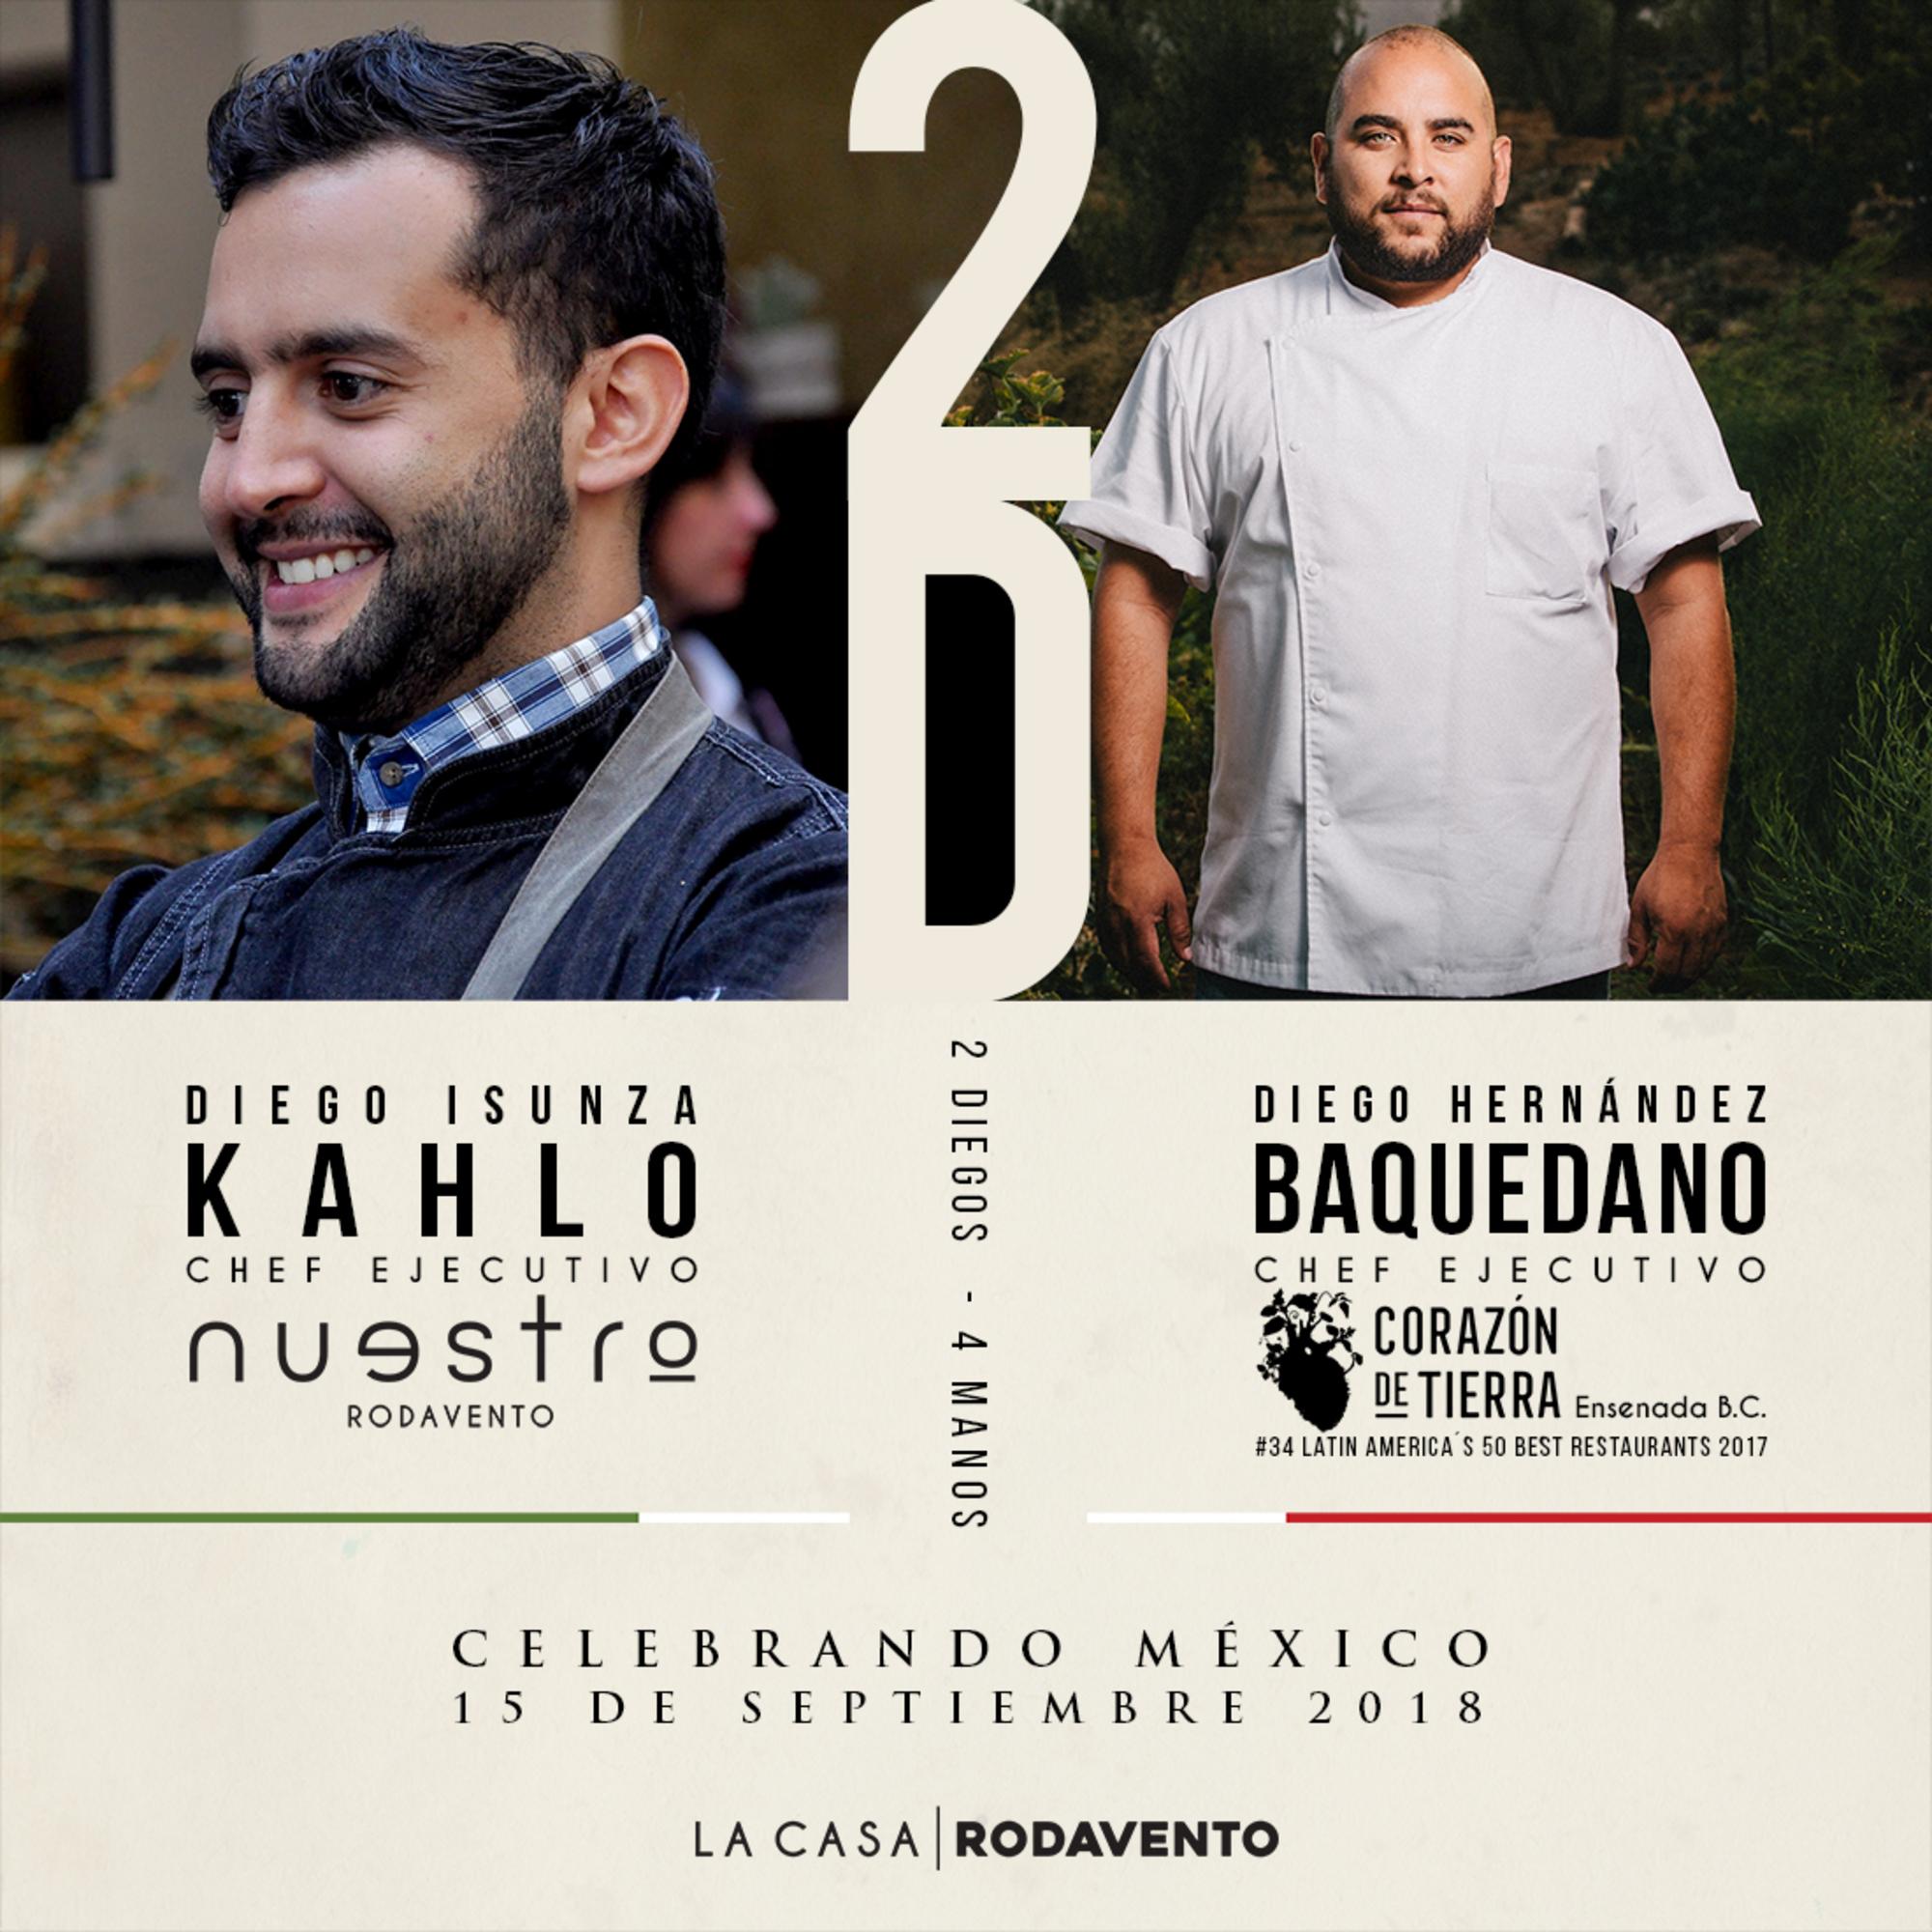 15 de septiembre La Casa Rodavento, Valle de Bravo